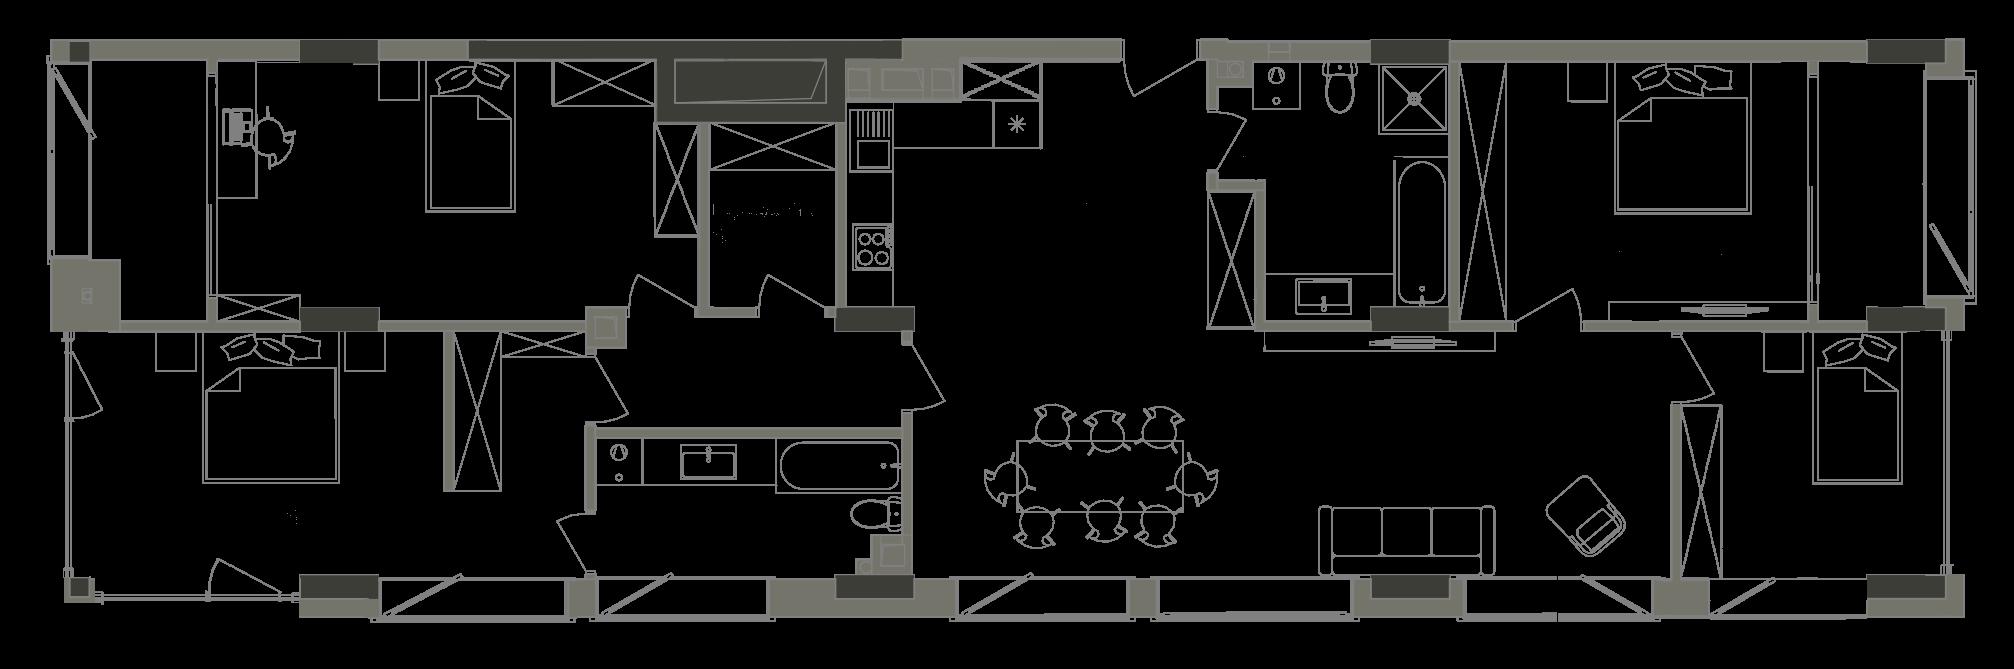 Квартира KV_66_4K_1_1_3